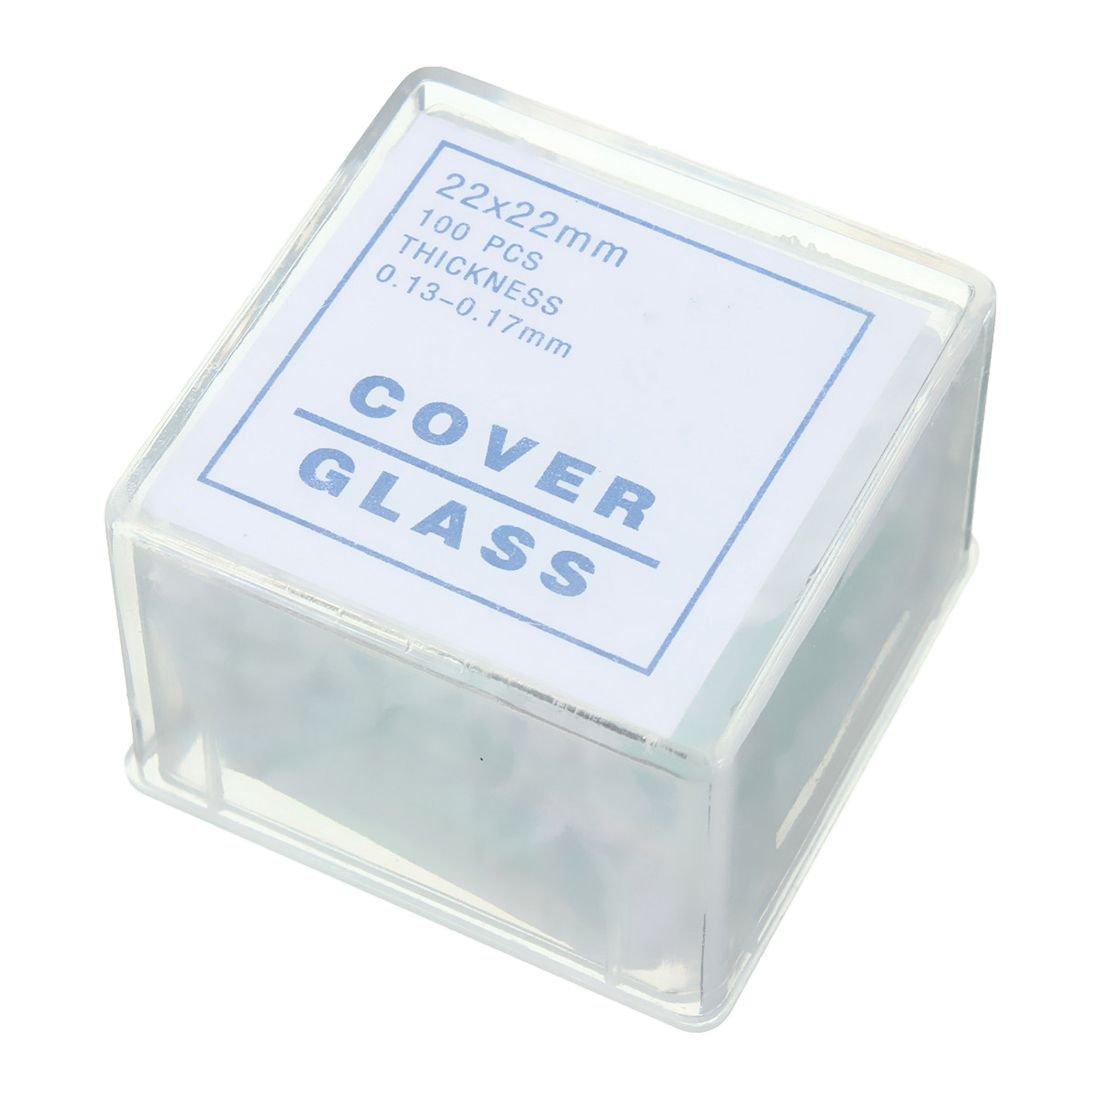 SODIAL 100pcs Transparent Slides Coverslips Coverslides 22x22mm For Microscope